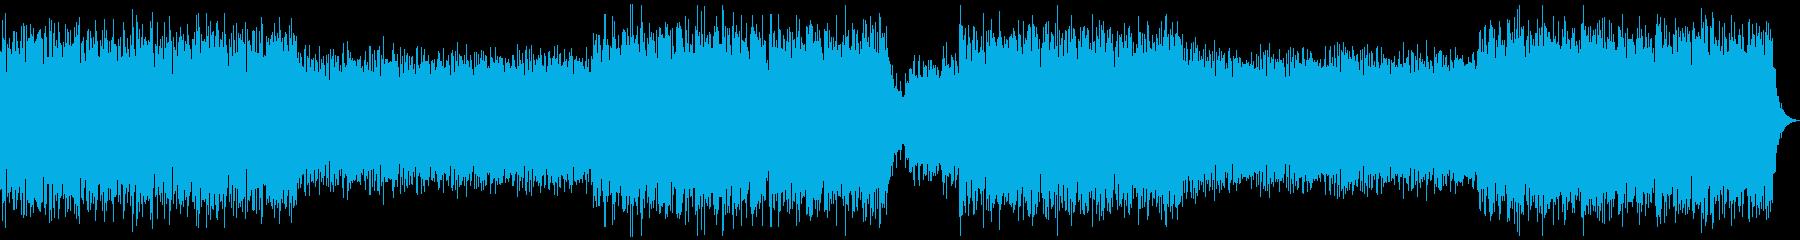 近未来を想像させる軽快なEDMの再生済みの波形